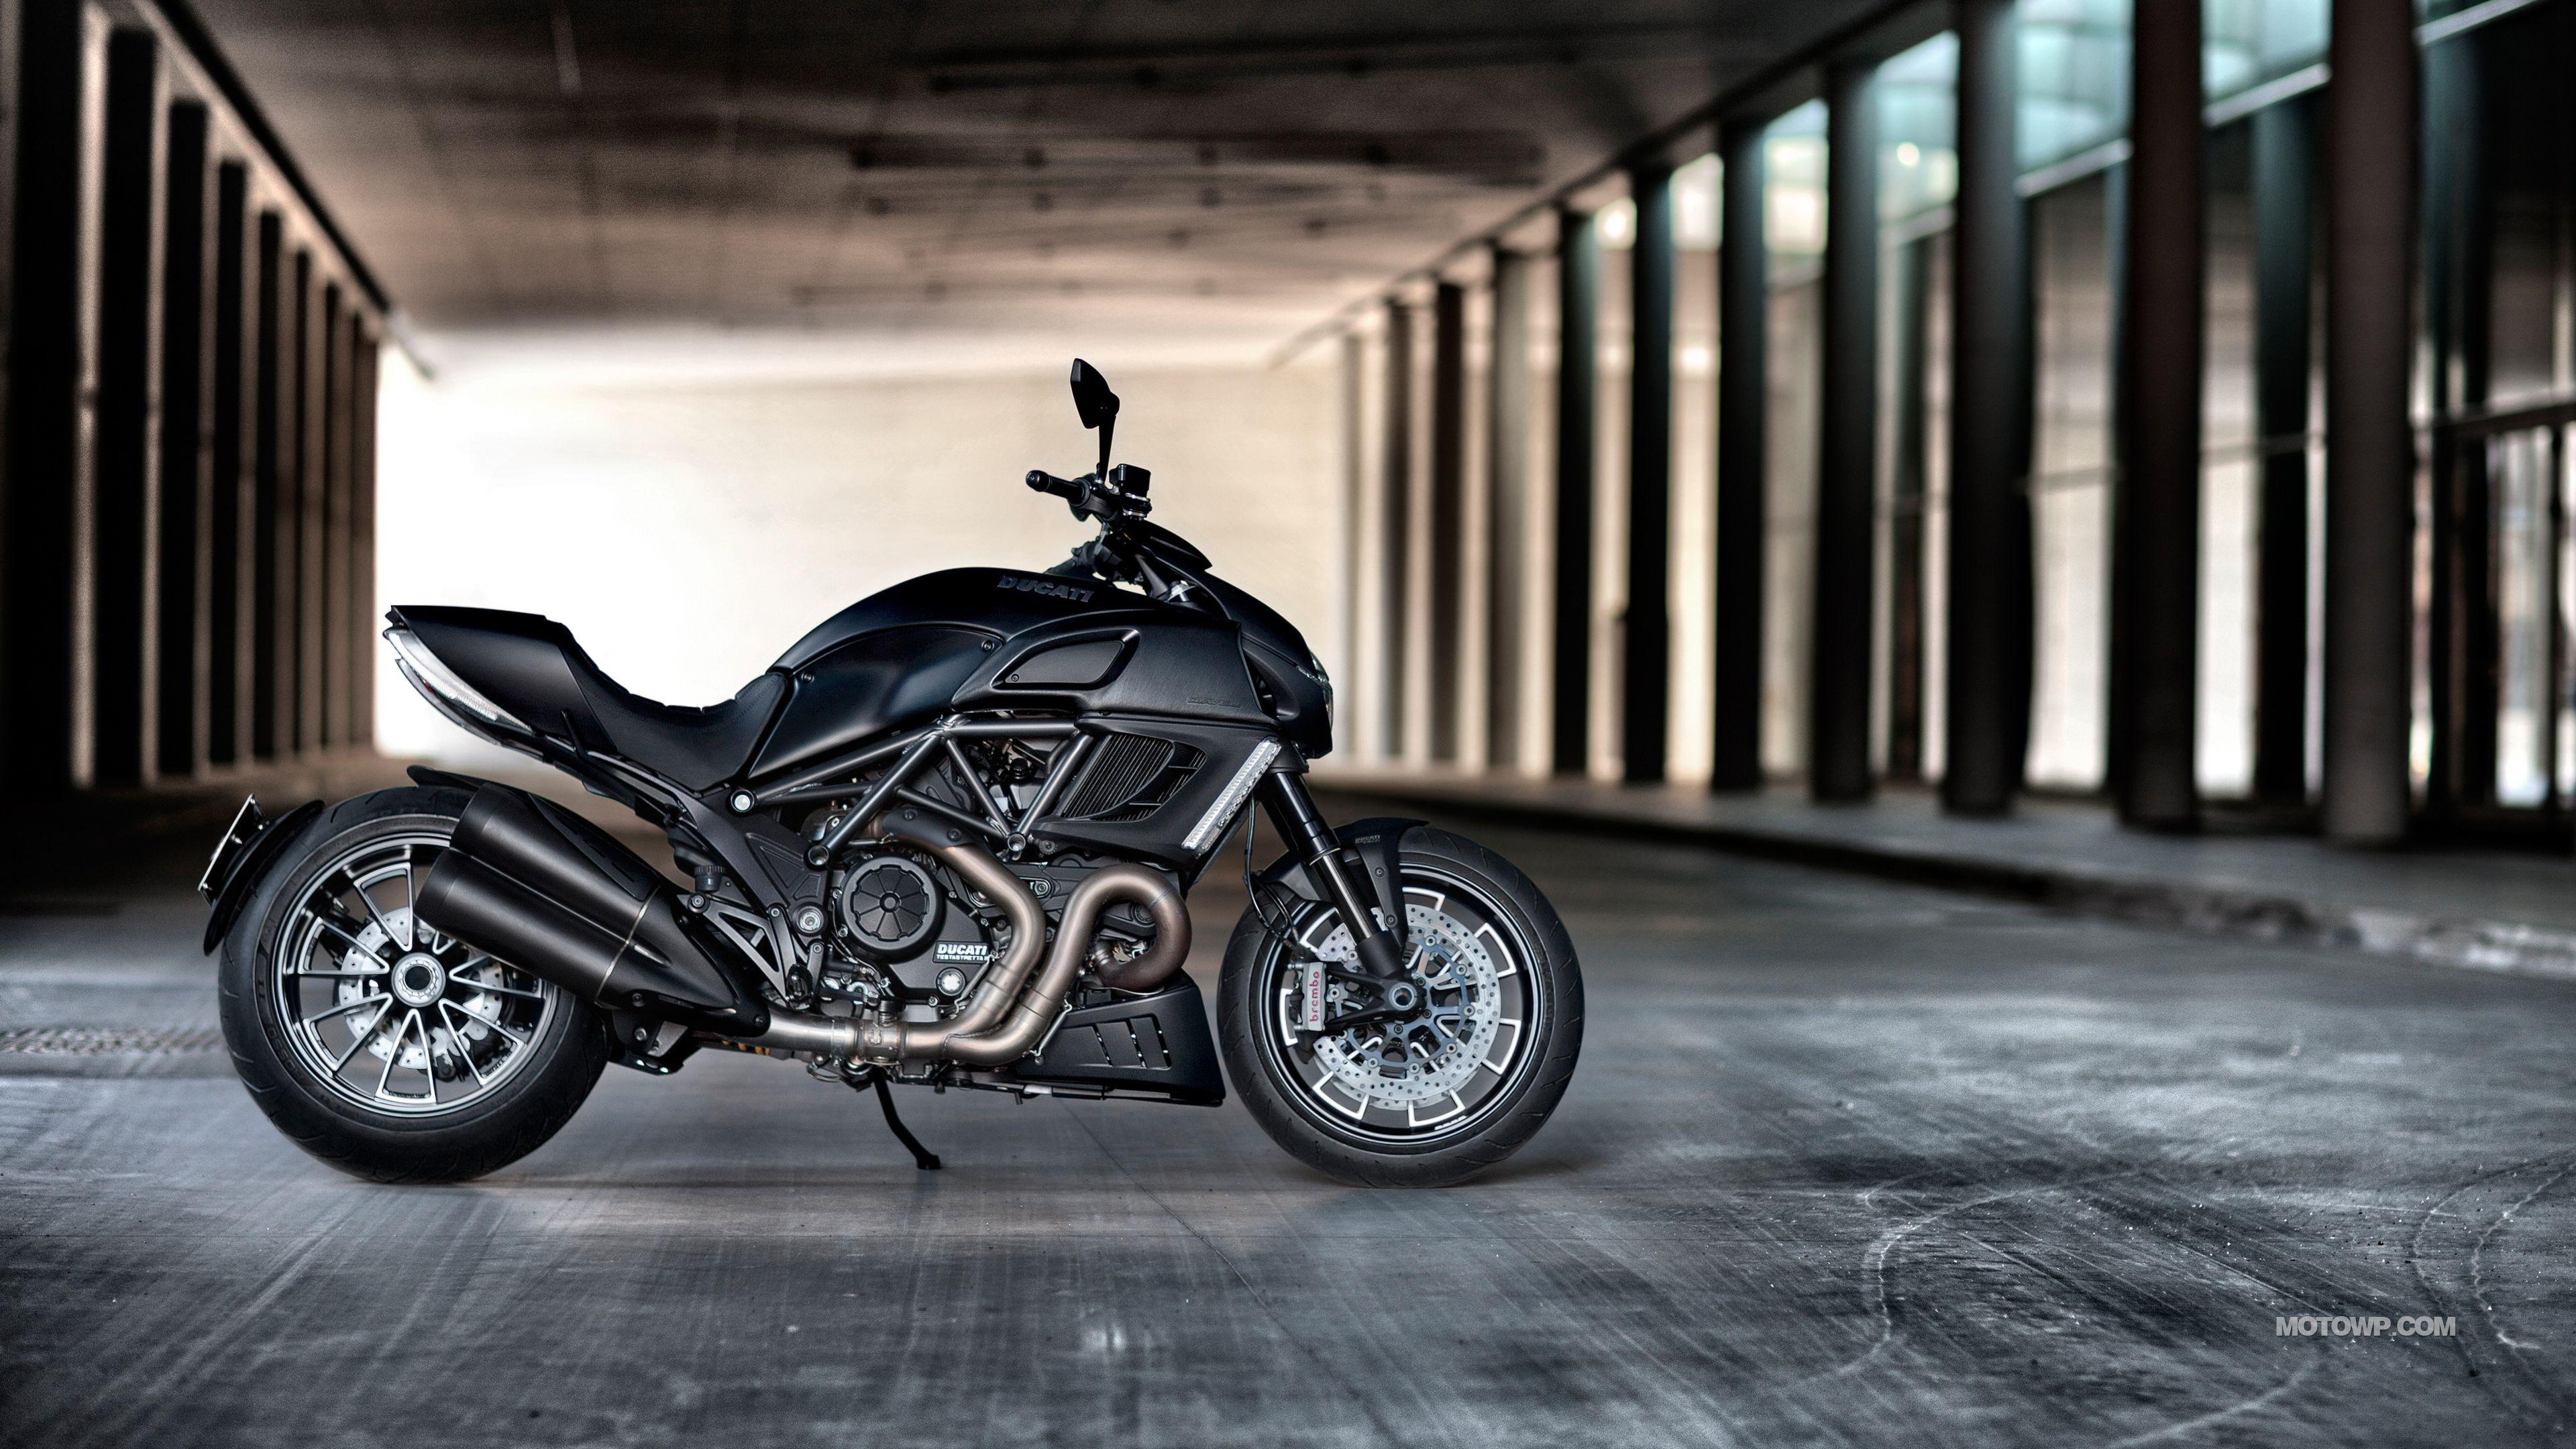 Ducati Diavel Wallpapers